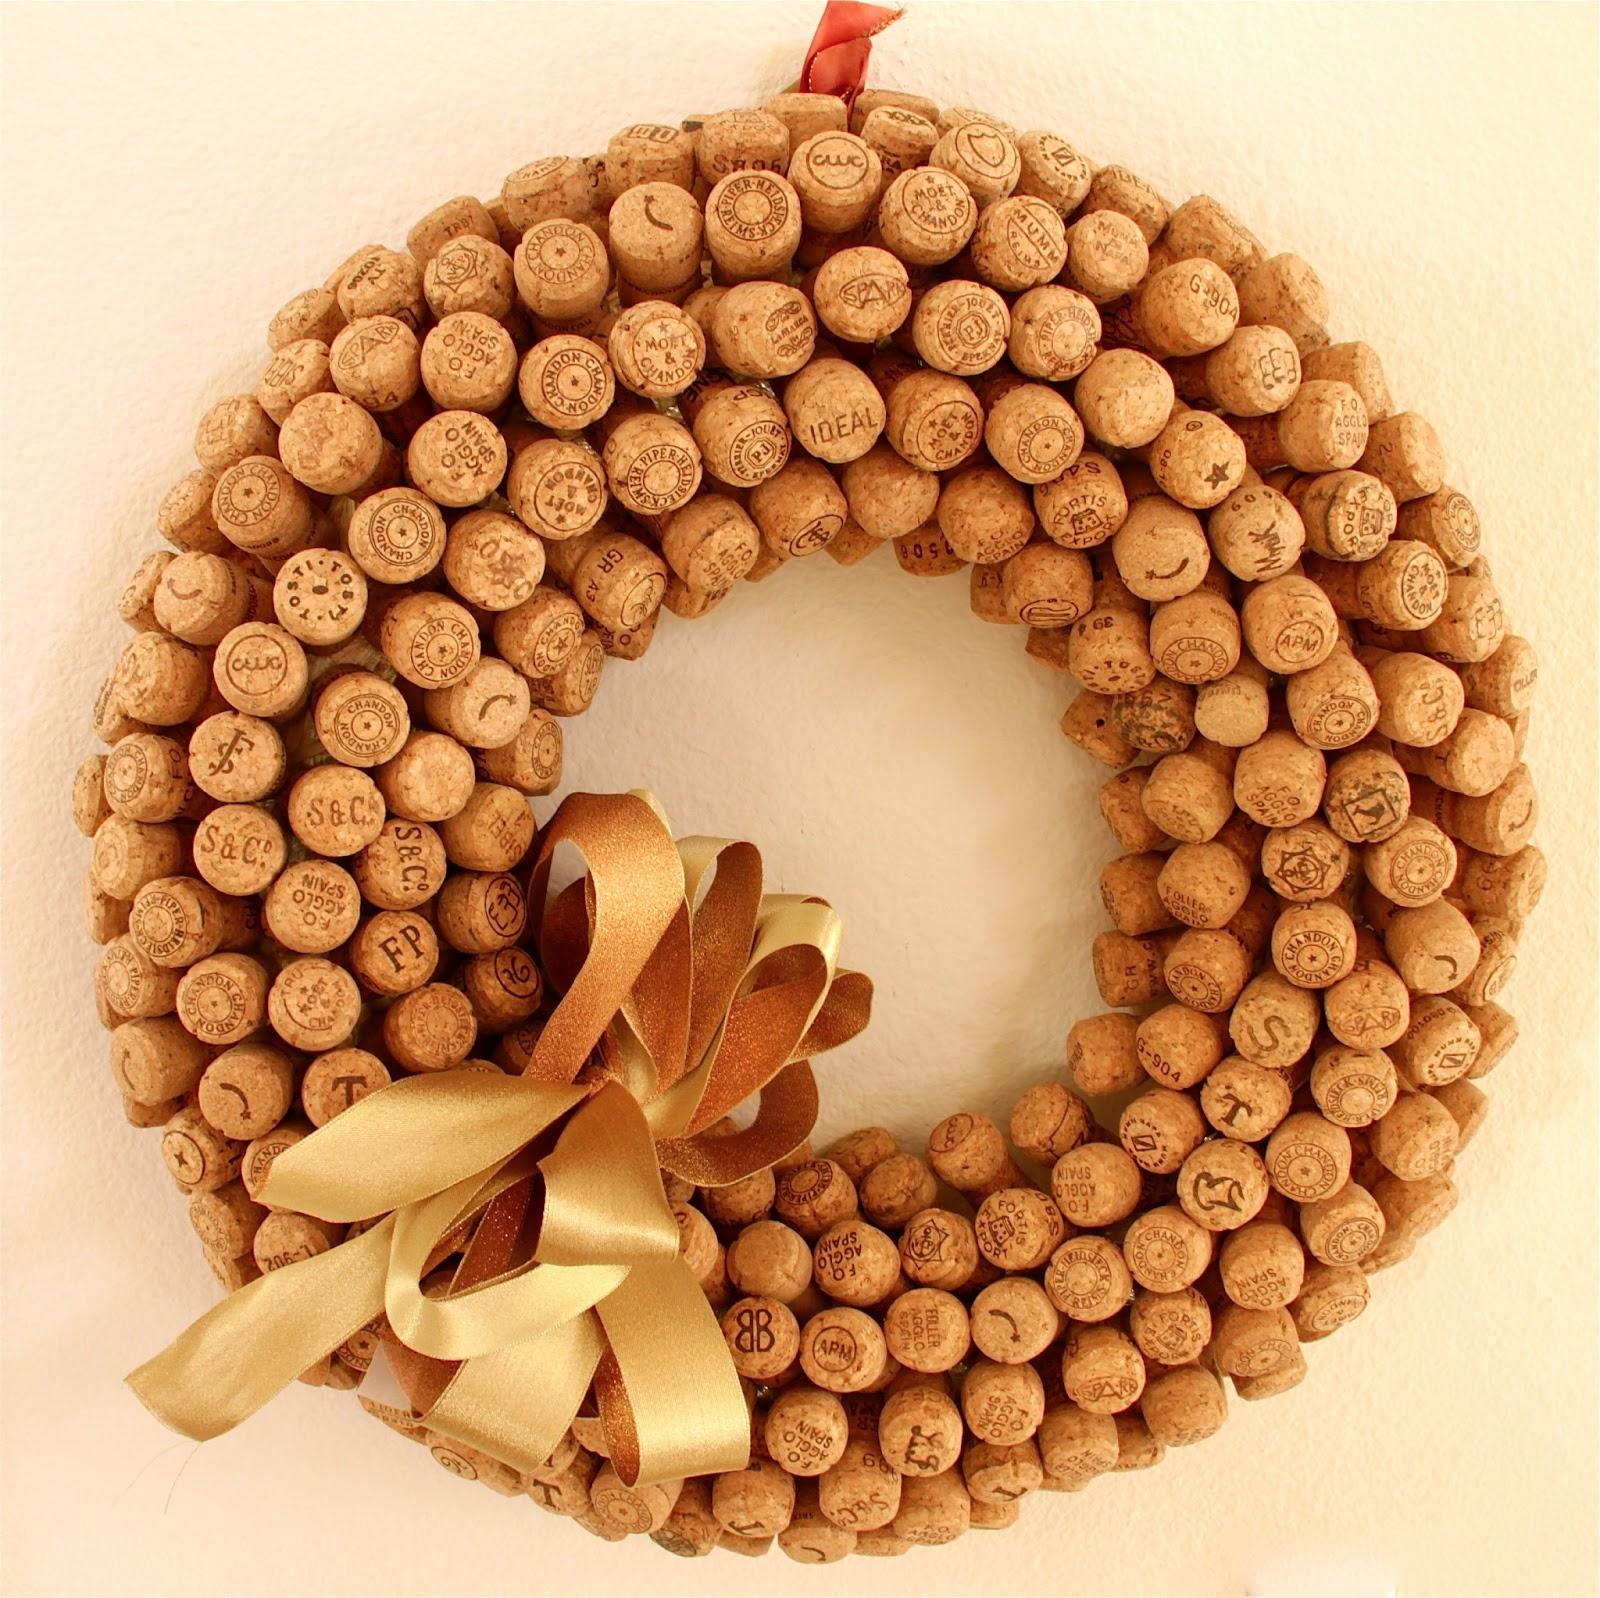 Taste n trip cork creations - Como hacer coronas de navidad ...